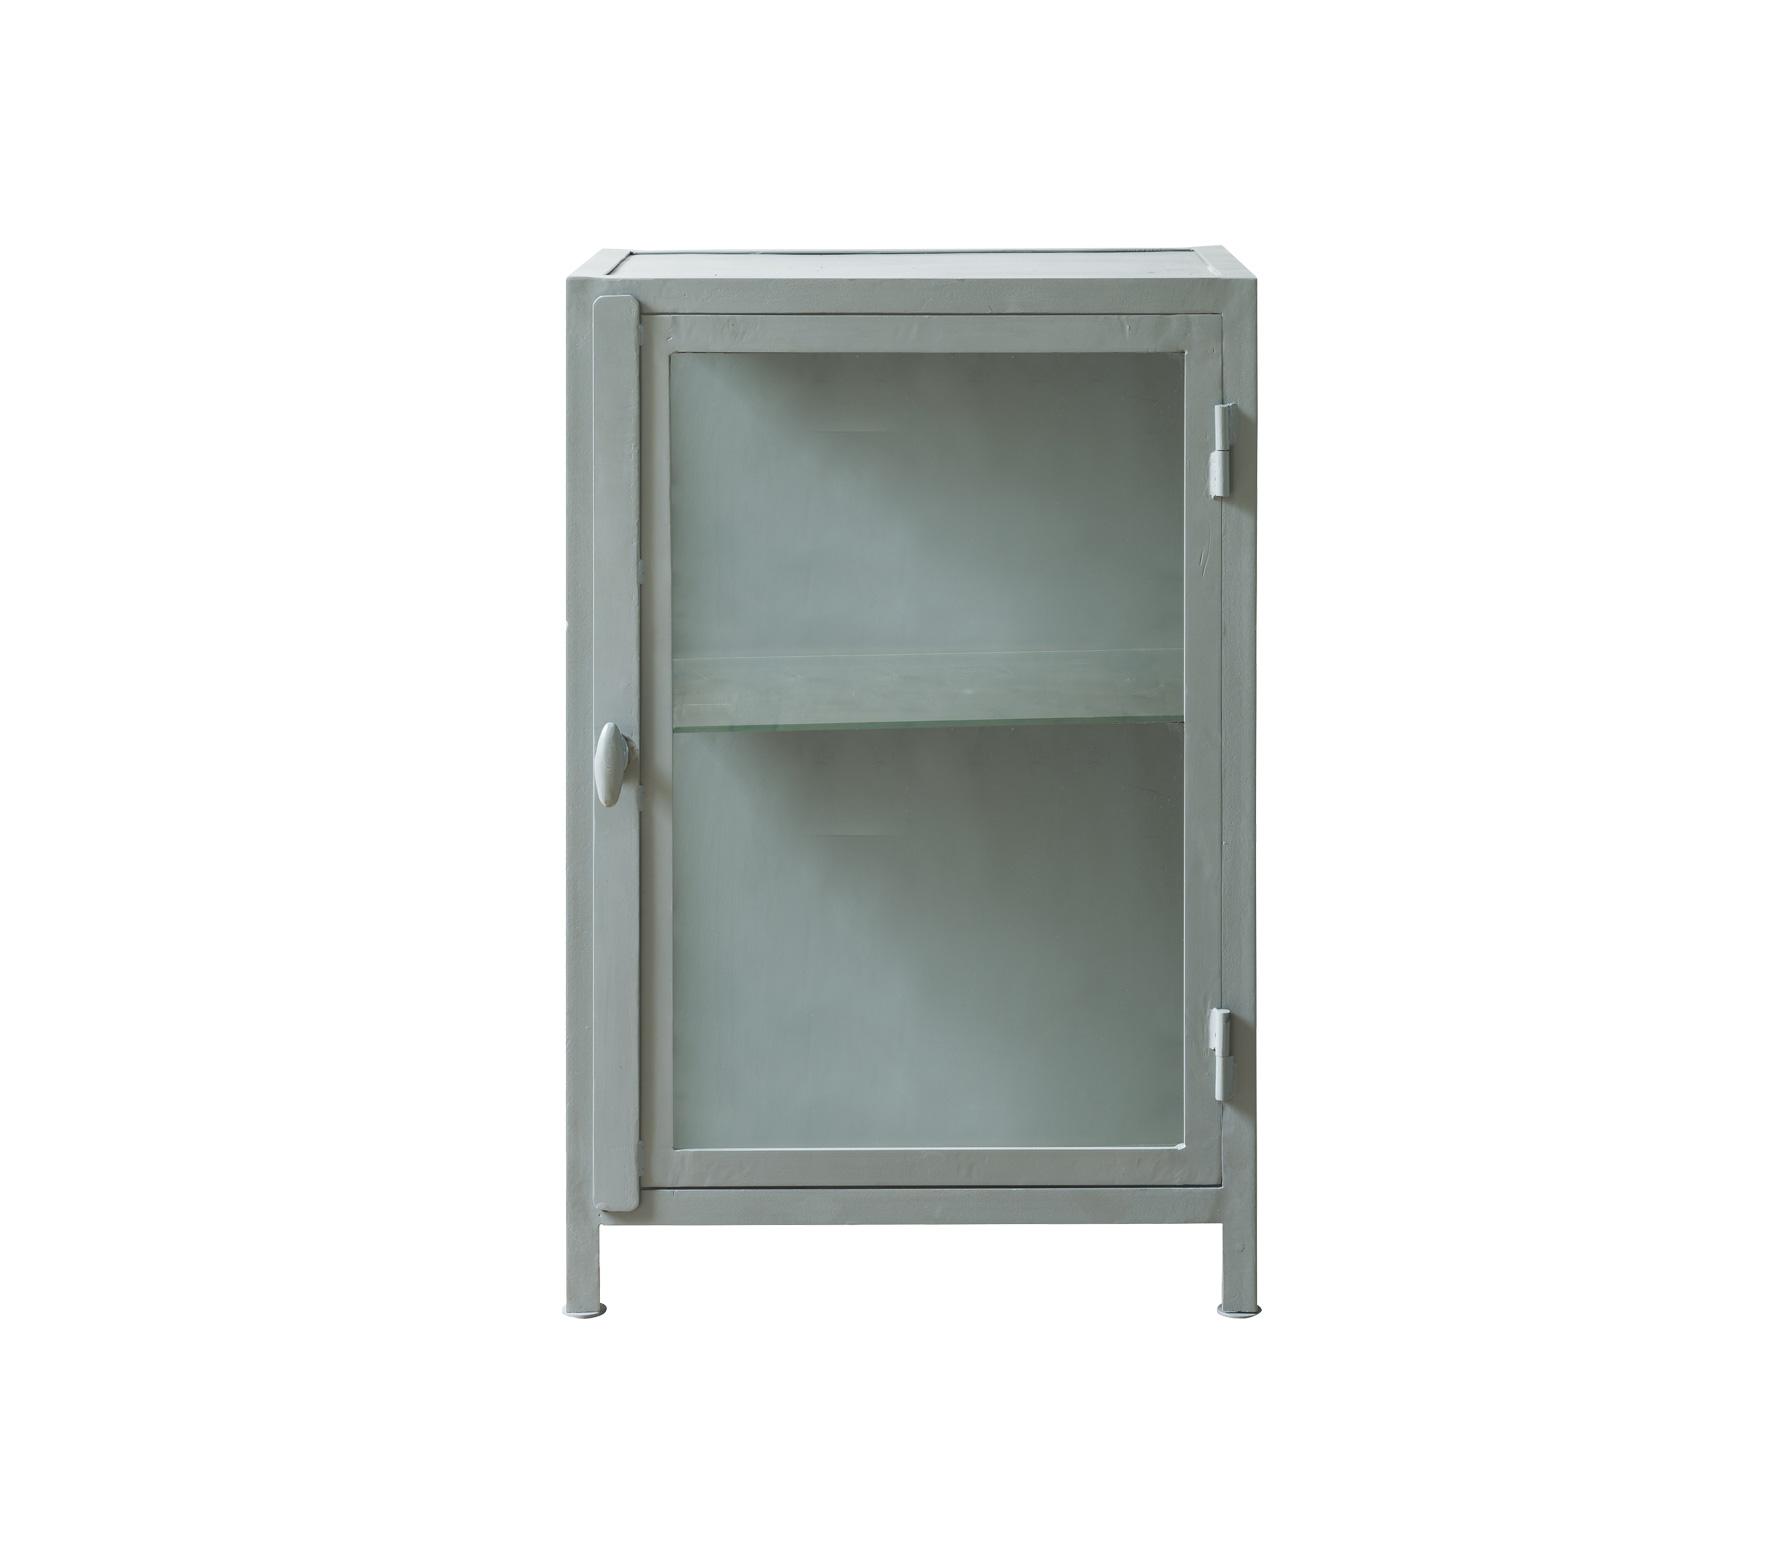 Beroemd vtwonen Show lage vitrinekast 90x60x40 cm jade groen metaal wordt  &OQ04